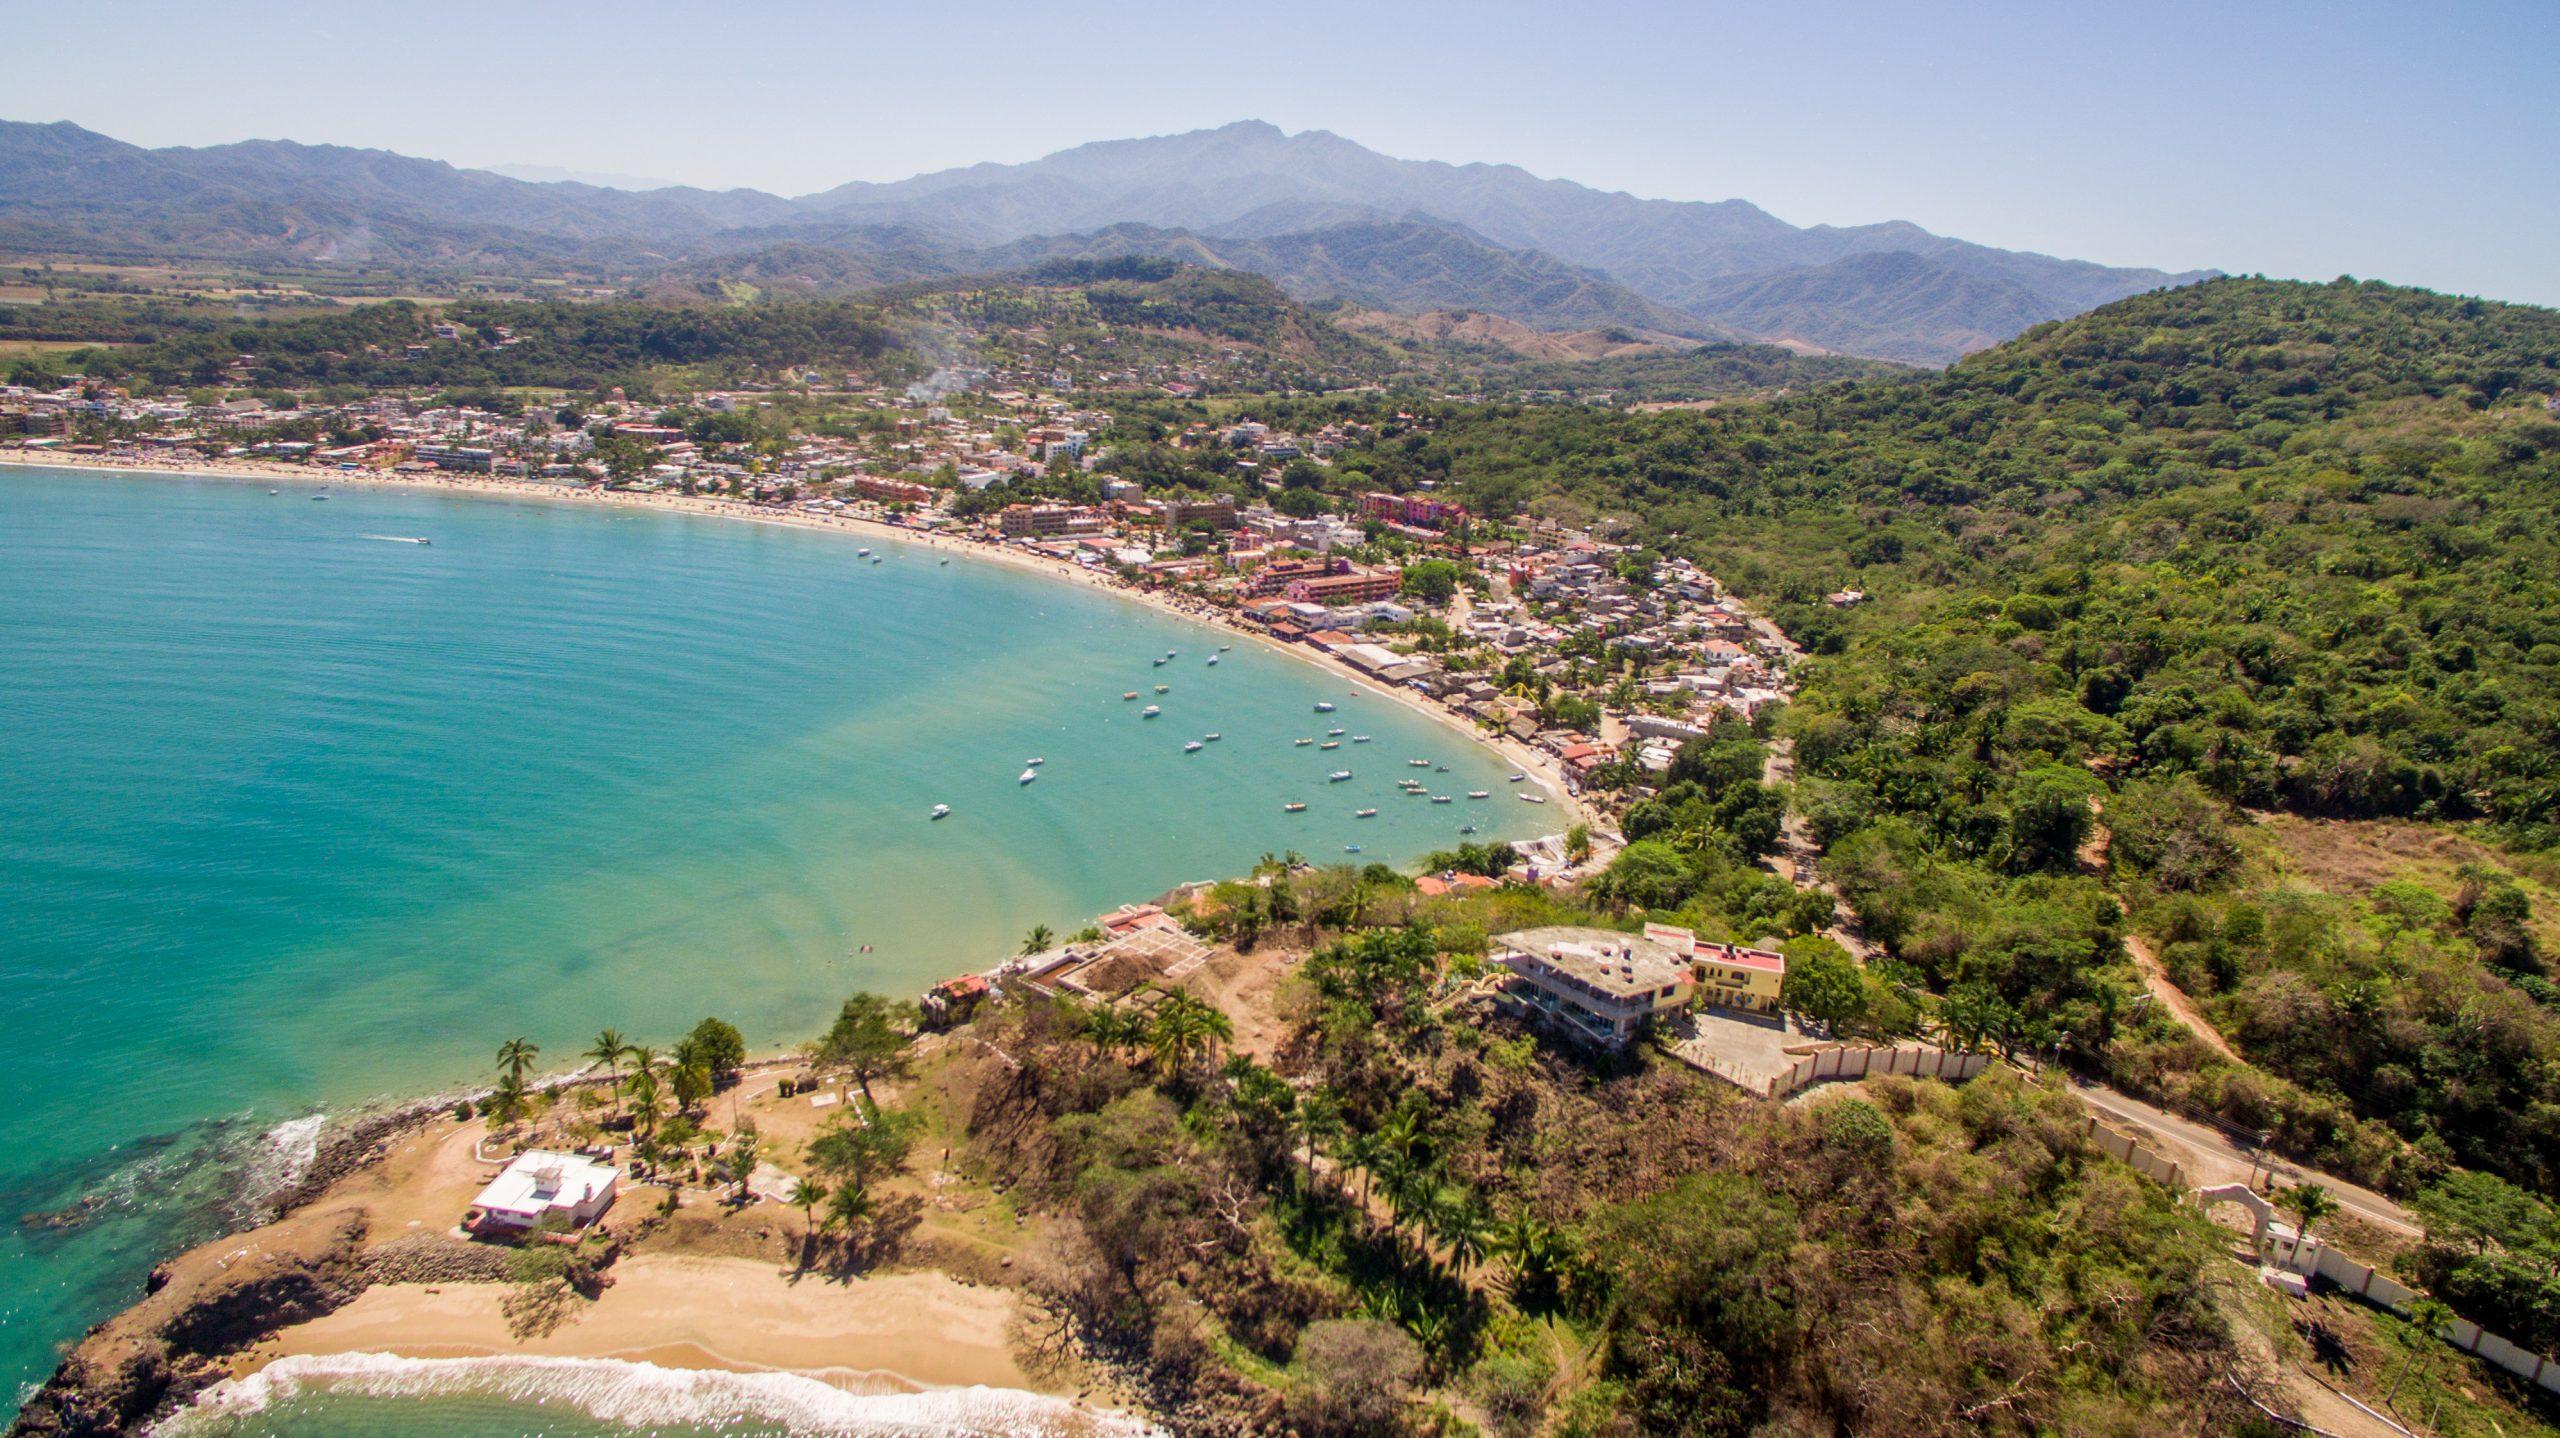 La piscina natural más grande del mundo está en el Pacífico Mexicano